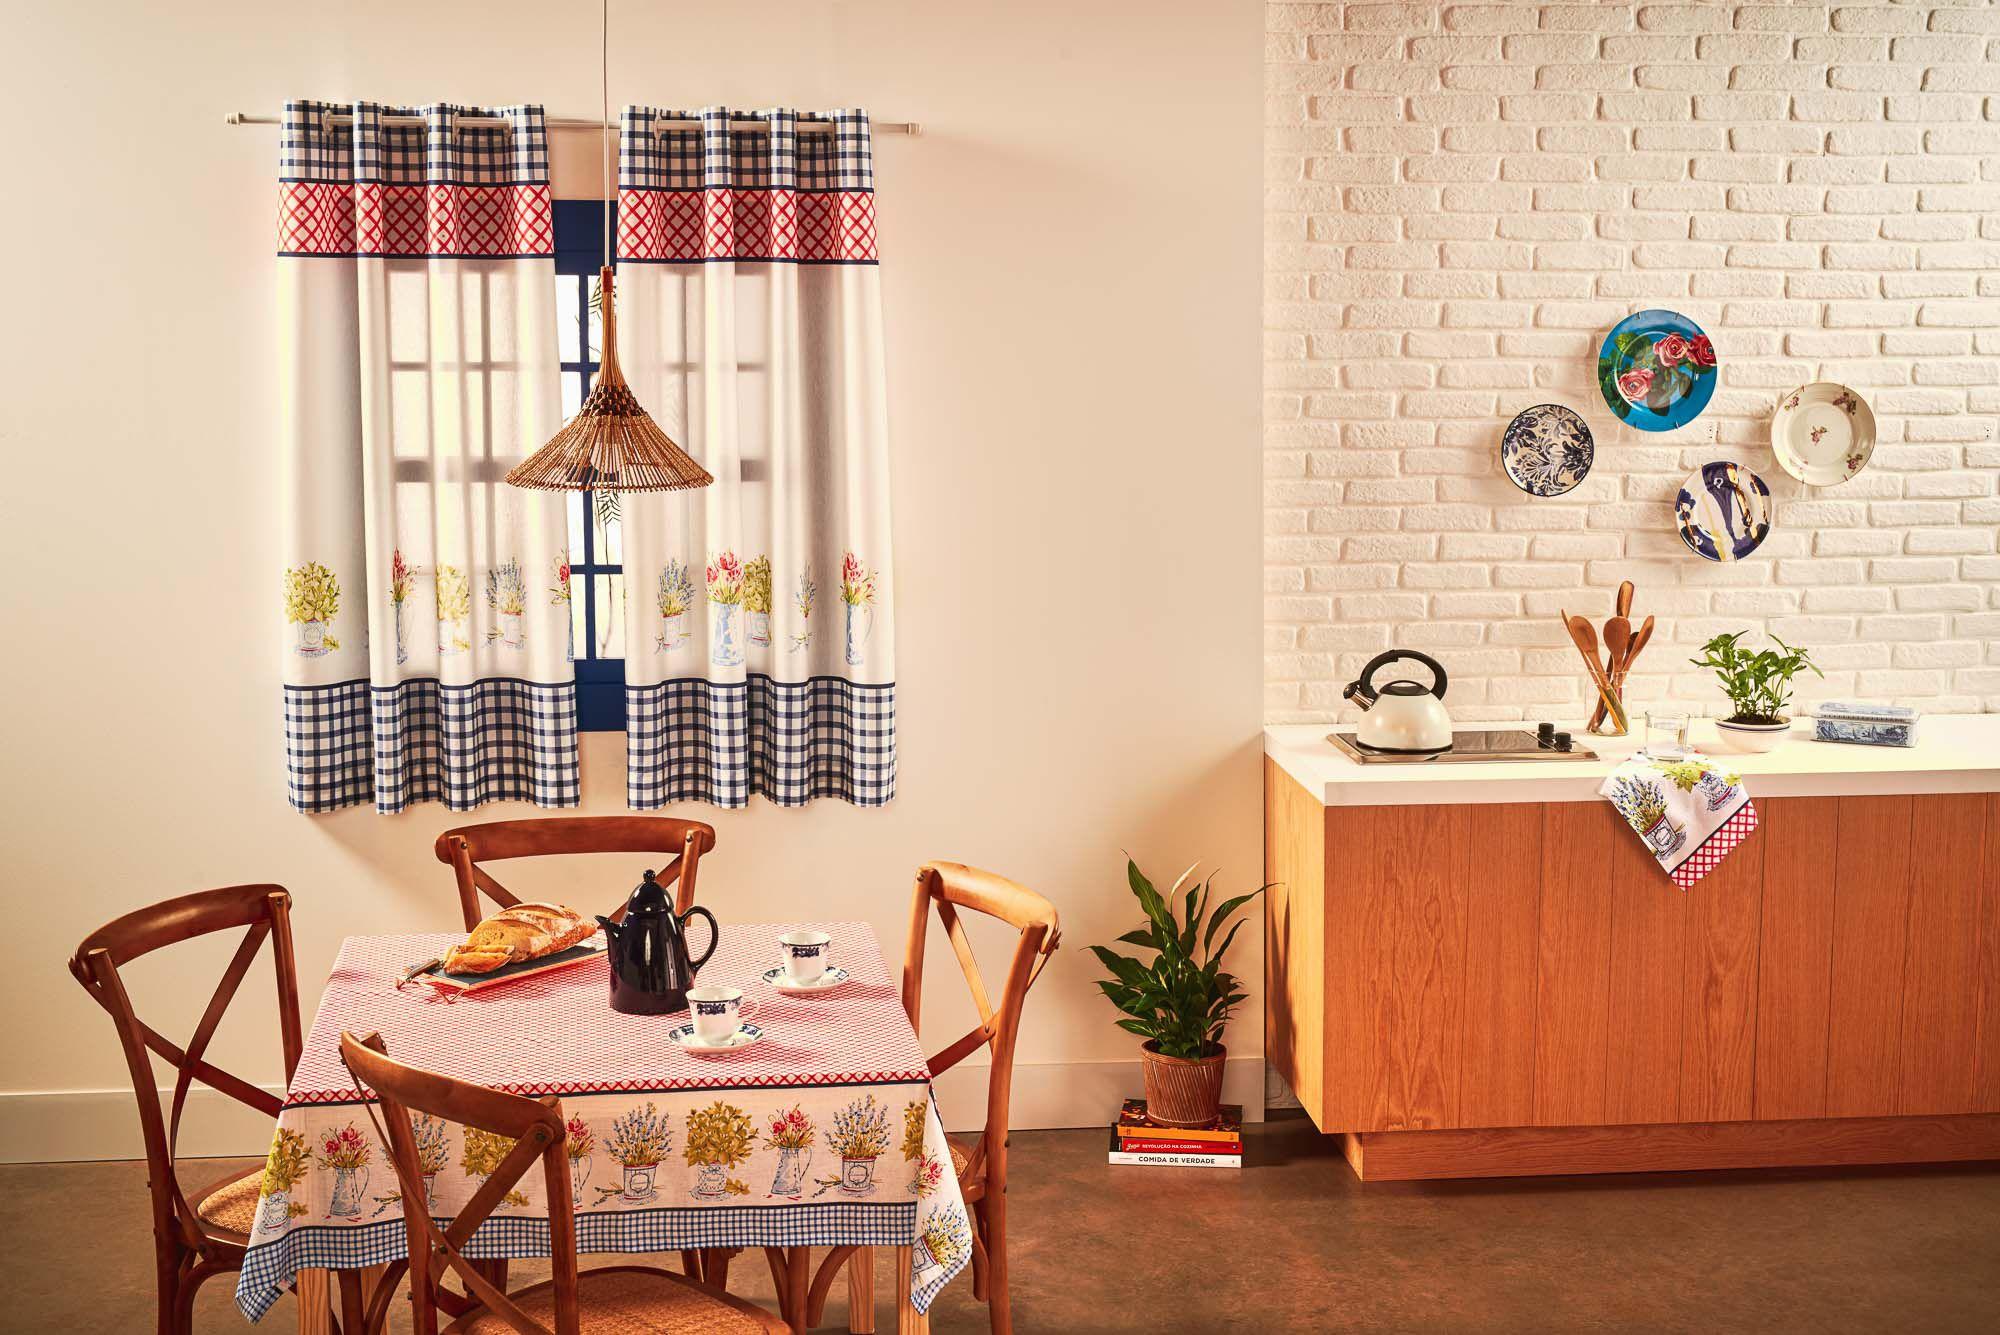 Cortina de cozinha mille toscana santista 2,60x1,40m 54% algodão 46% poliéster